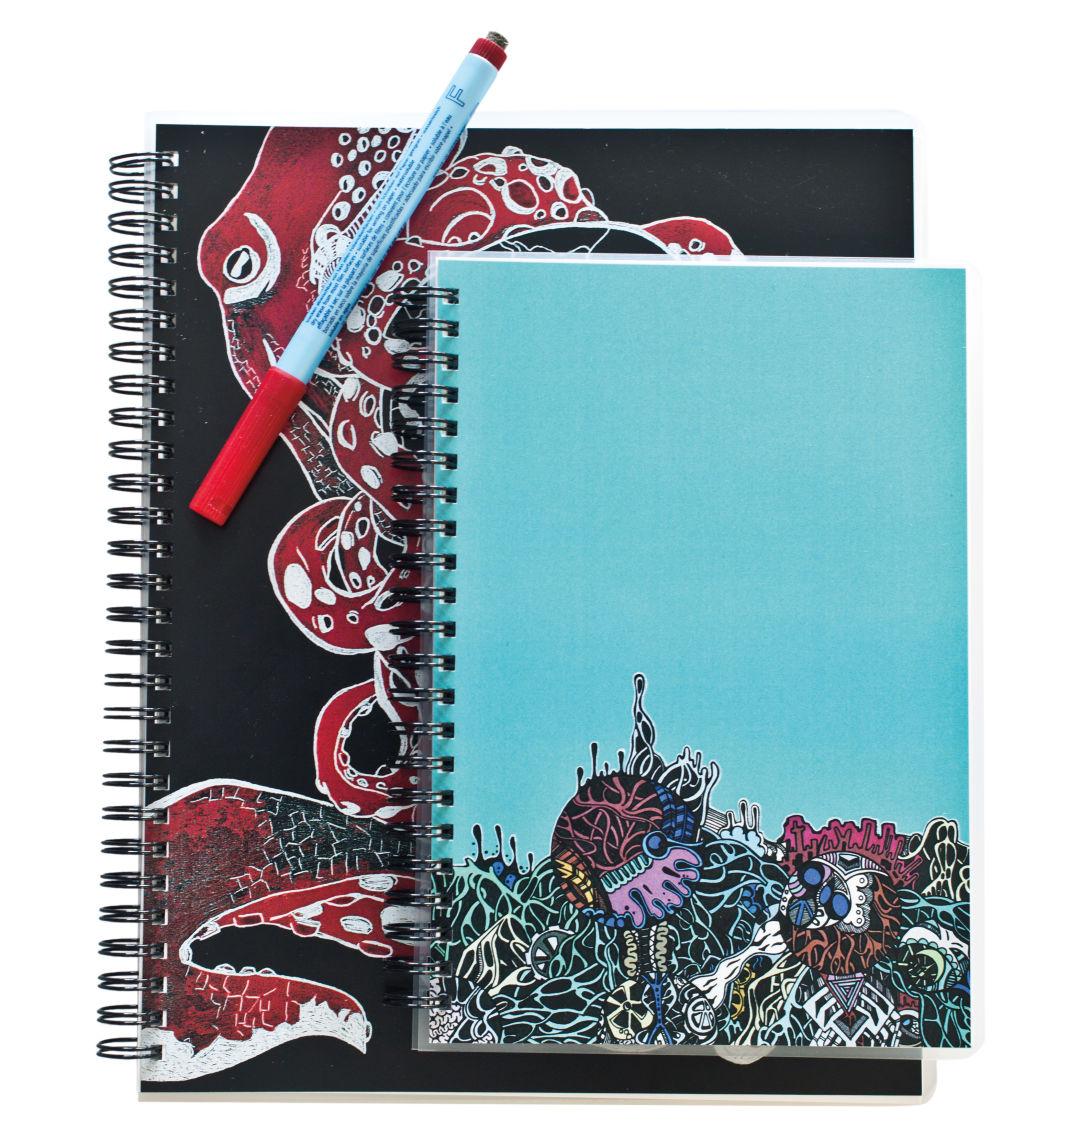 0316 scrubby notebook cjndcw